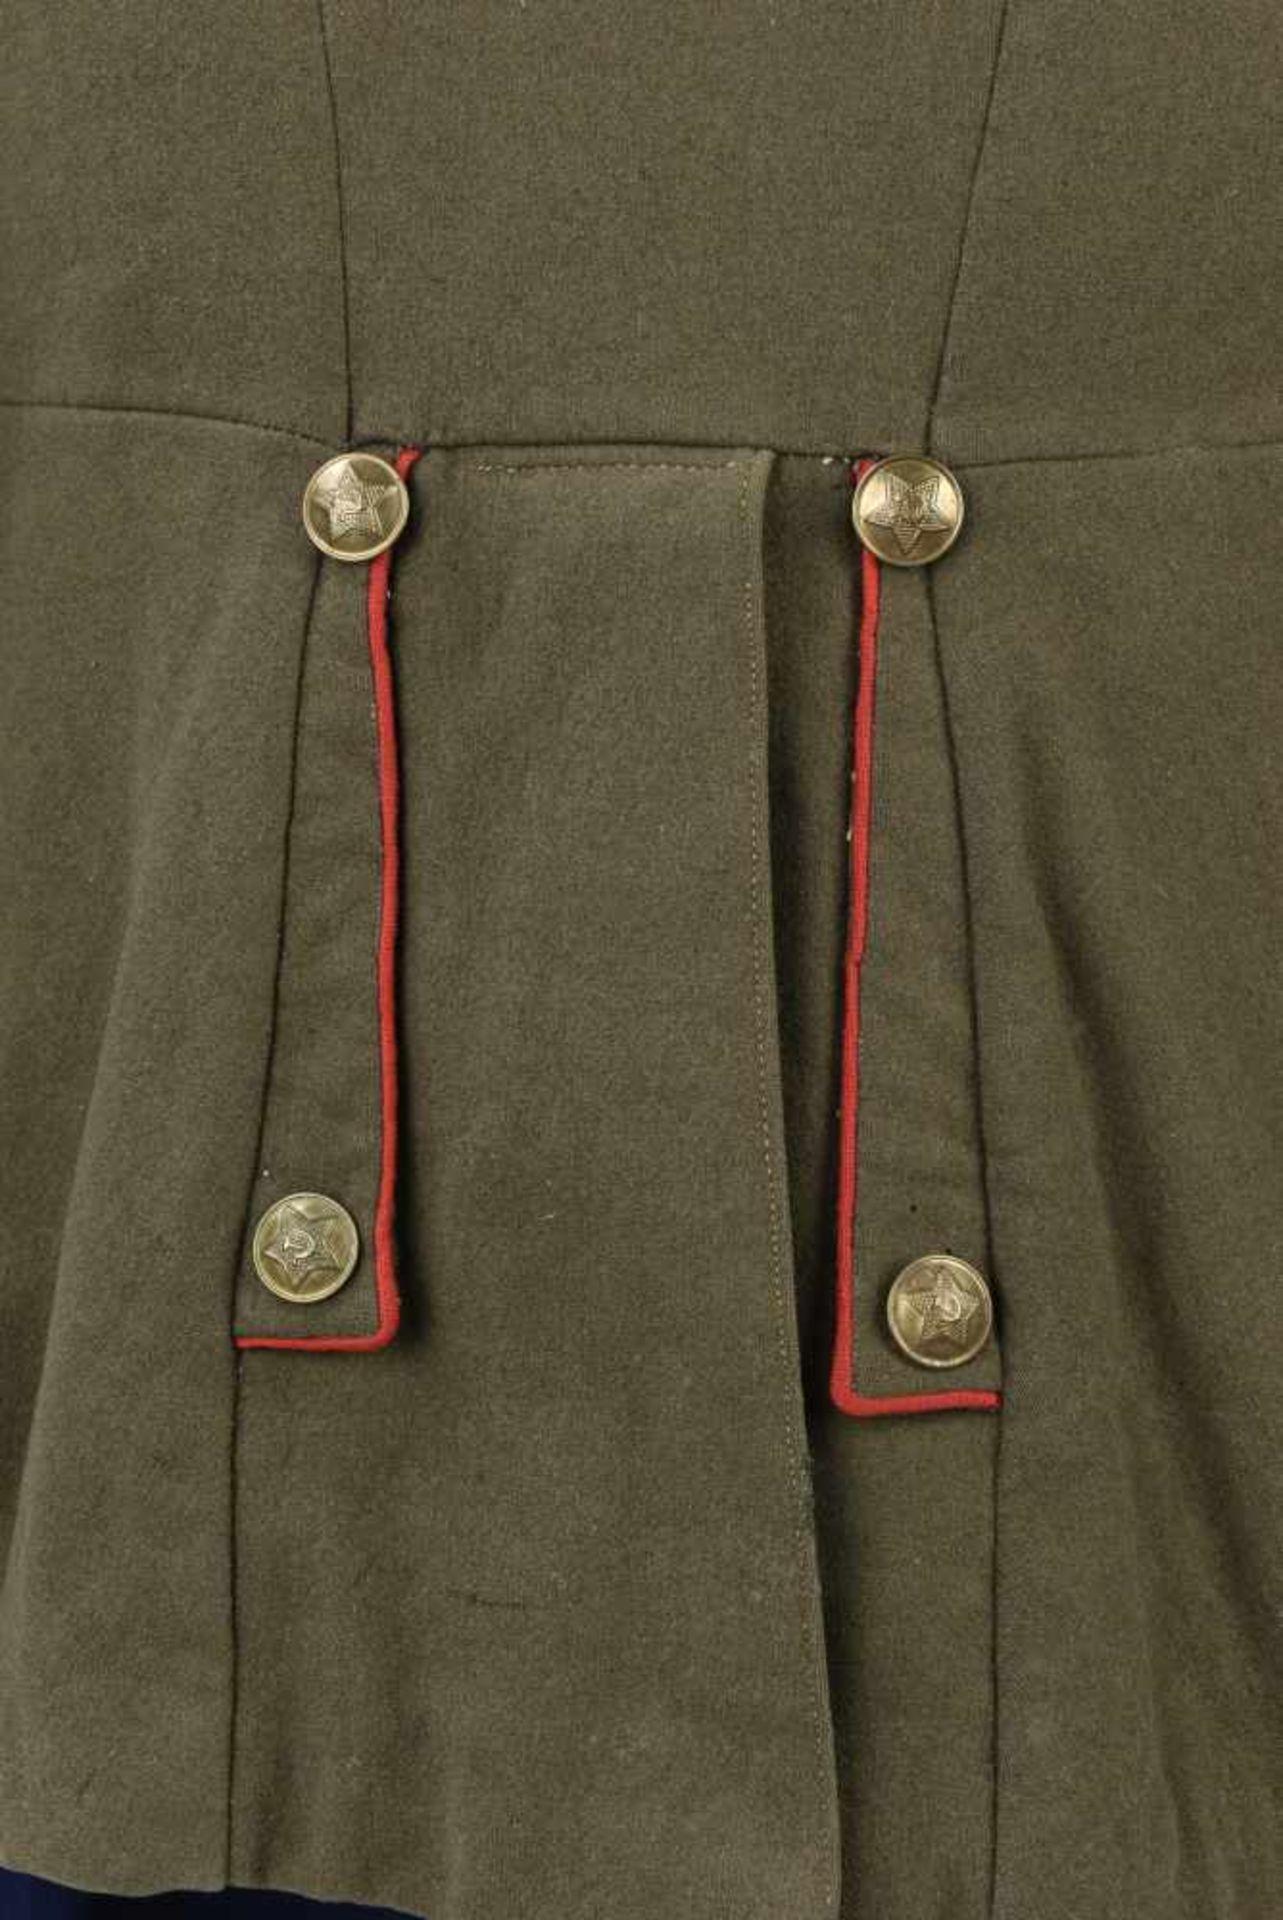 Ensemble comprenant veste Mundir d'un soldat de l'artillerie ou des blindés. Passepoil rouge et - Bild 4 aus 4